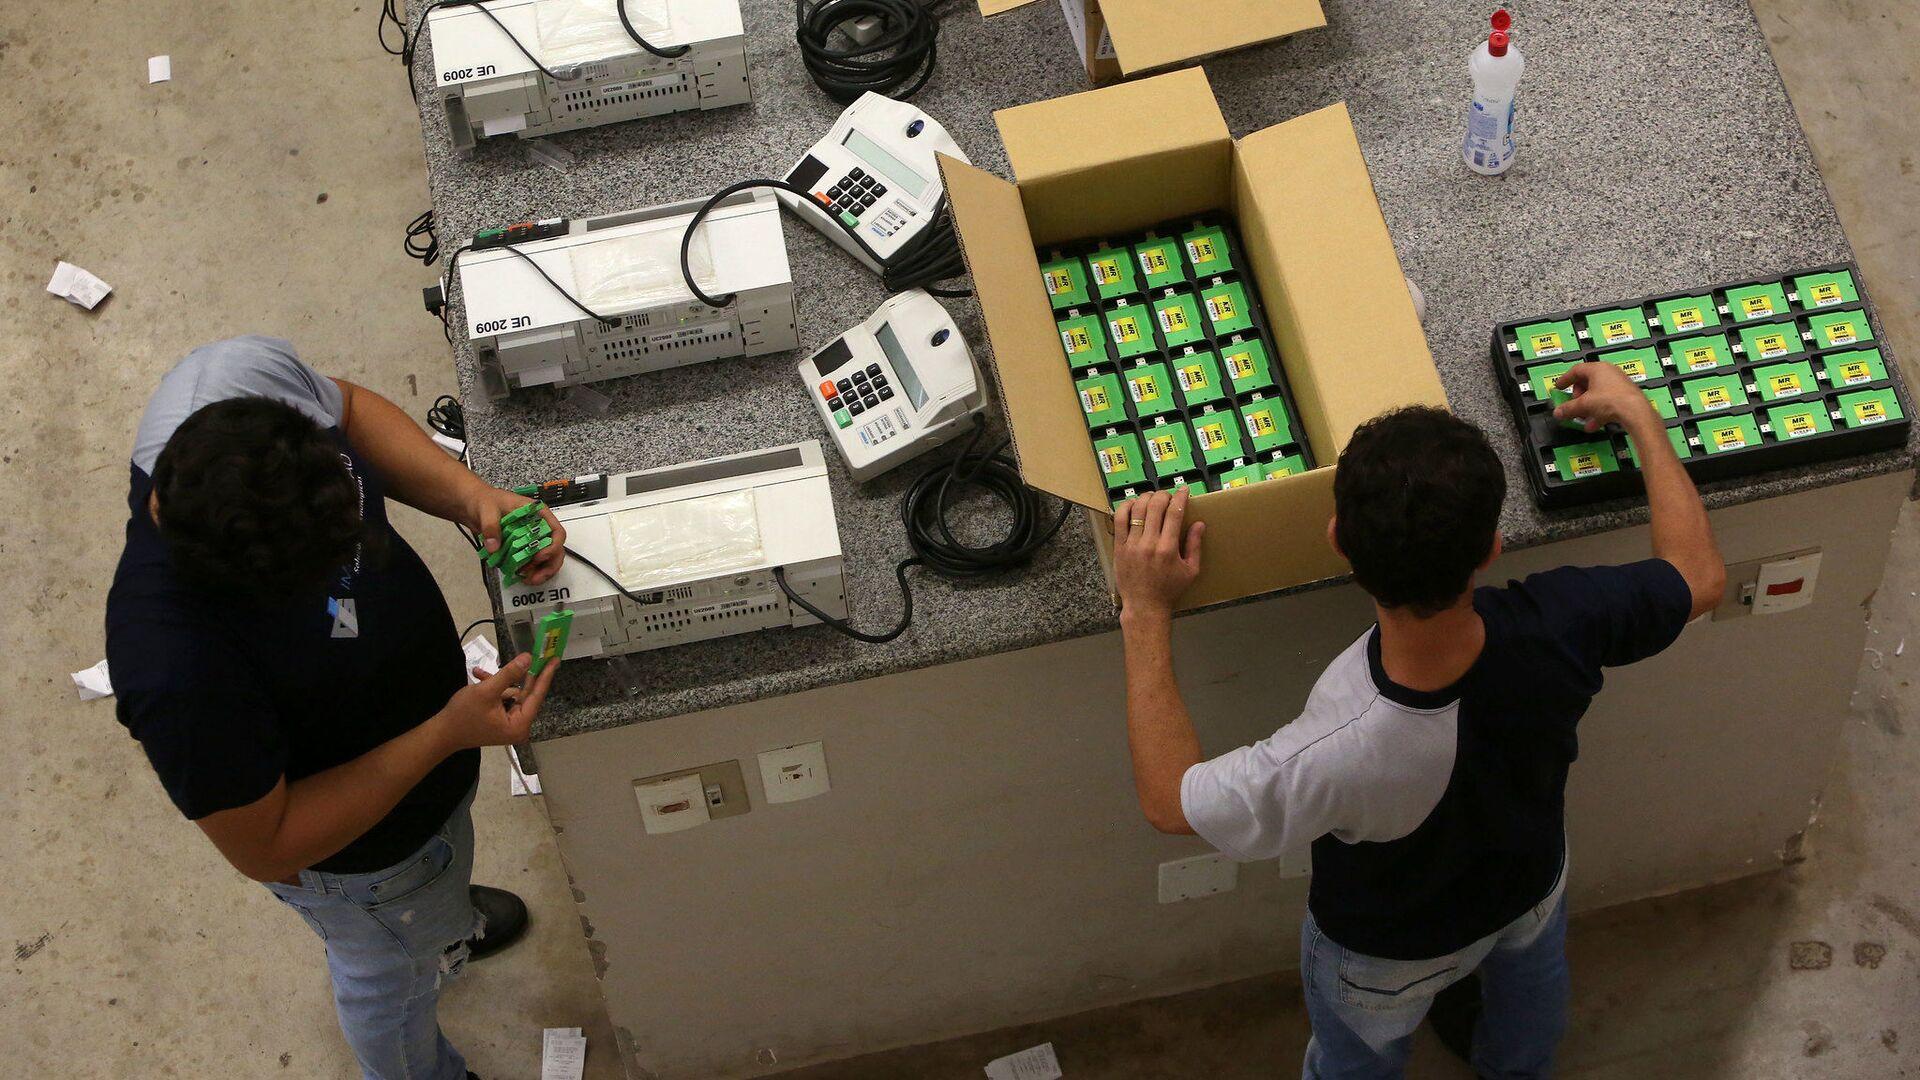 Trabajadores electorales preparan las urnas electrónicas en Brasil para las elecciones municipales del domingo - Sputnik Mundo, 1920, 12.08.2021